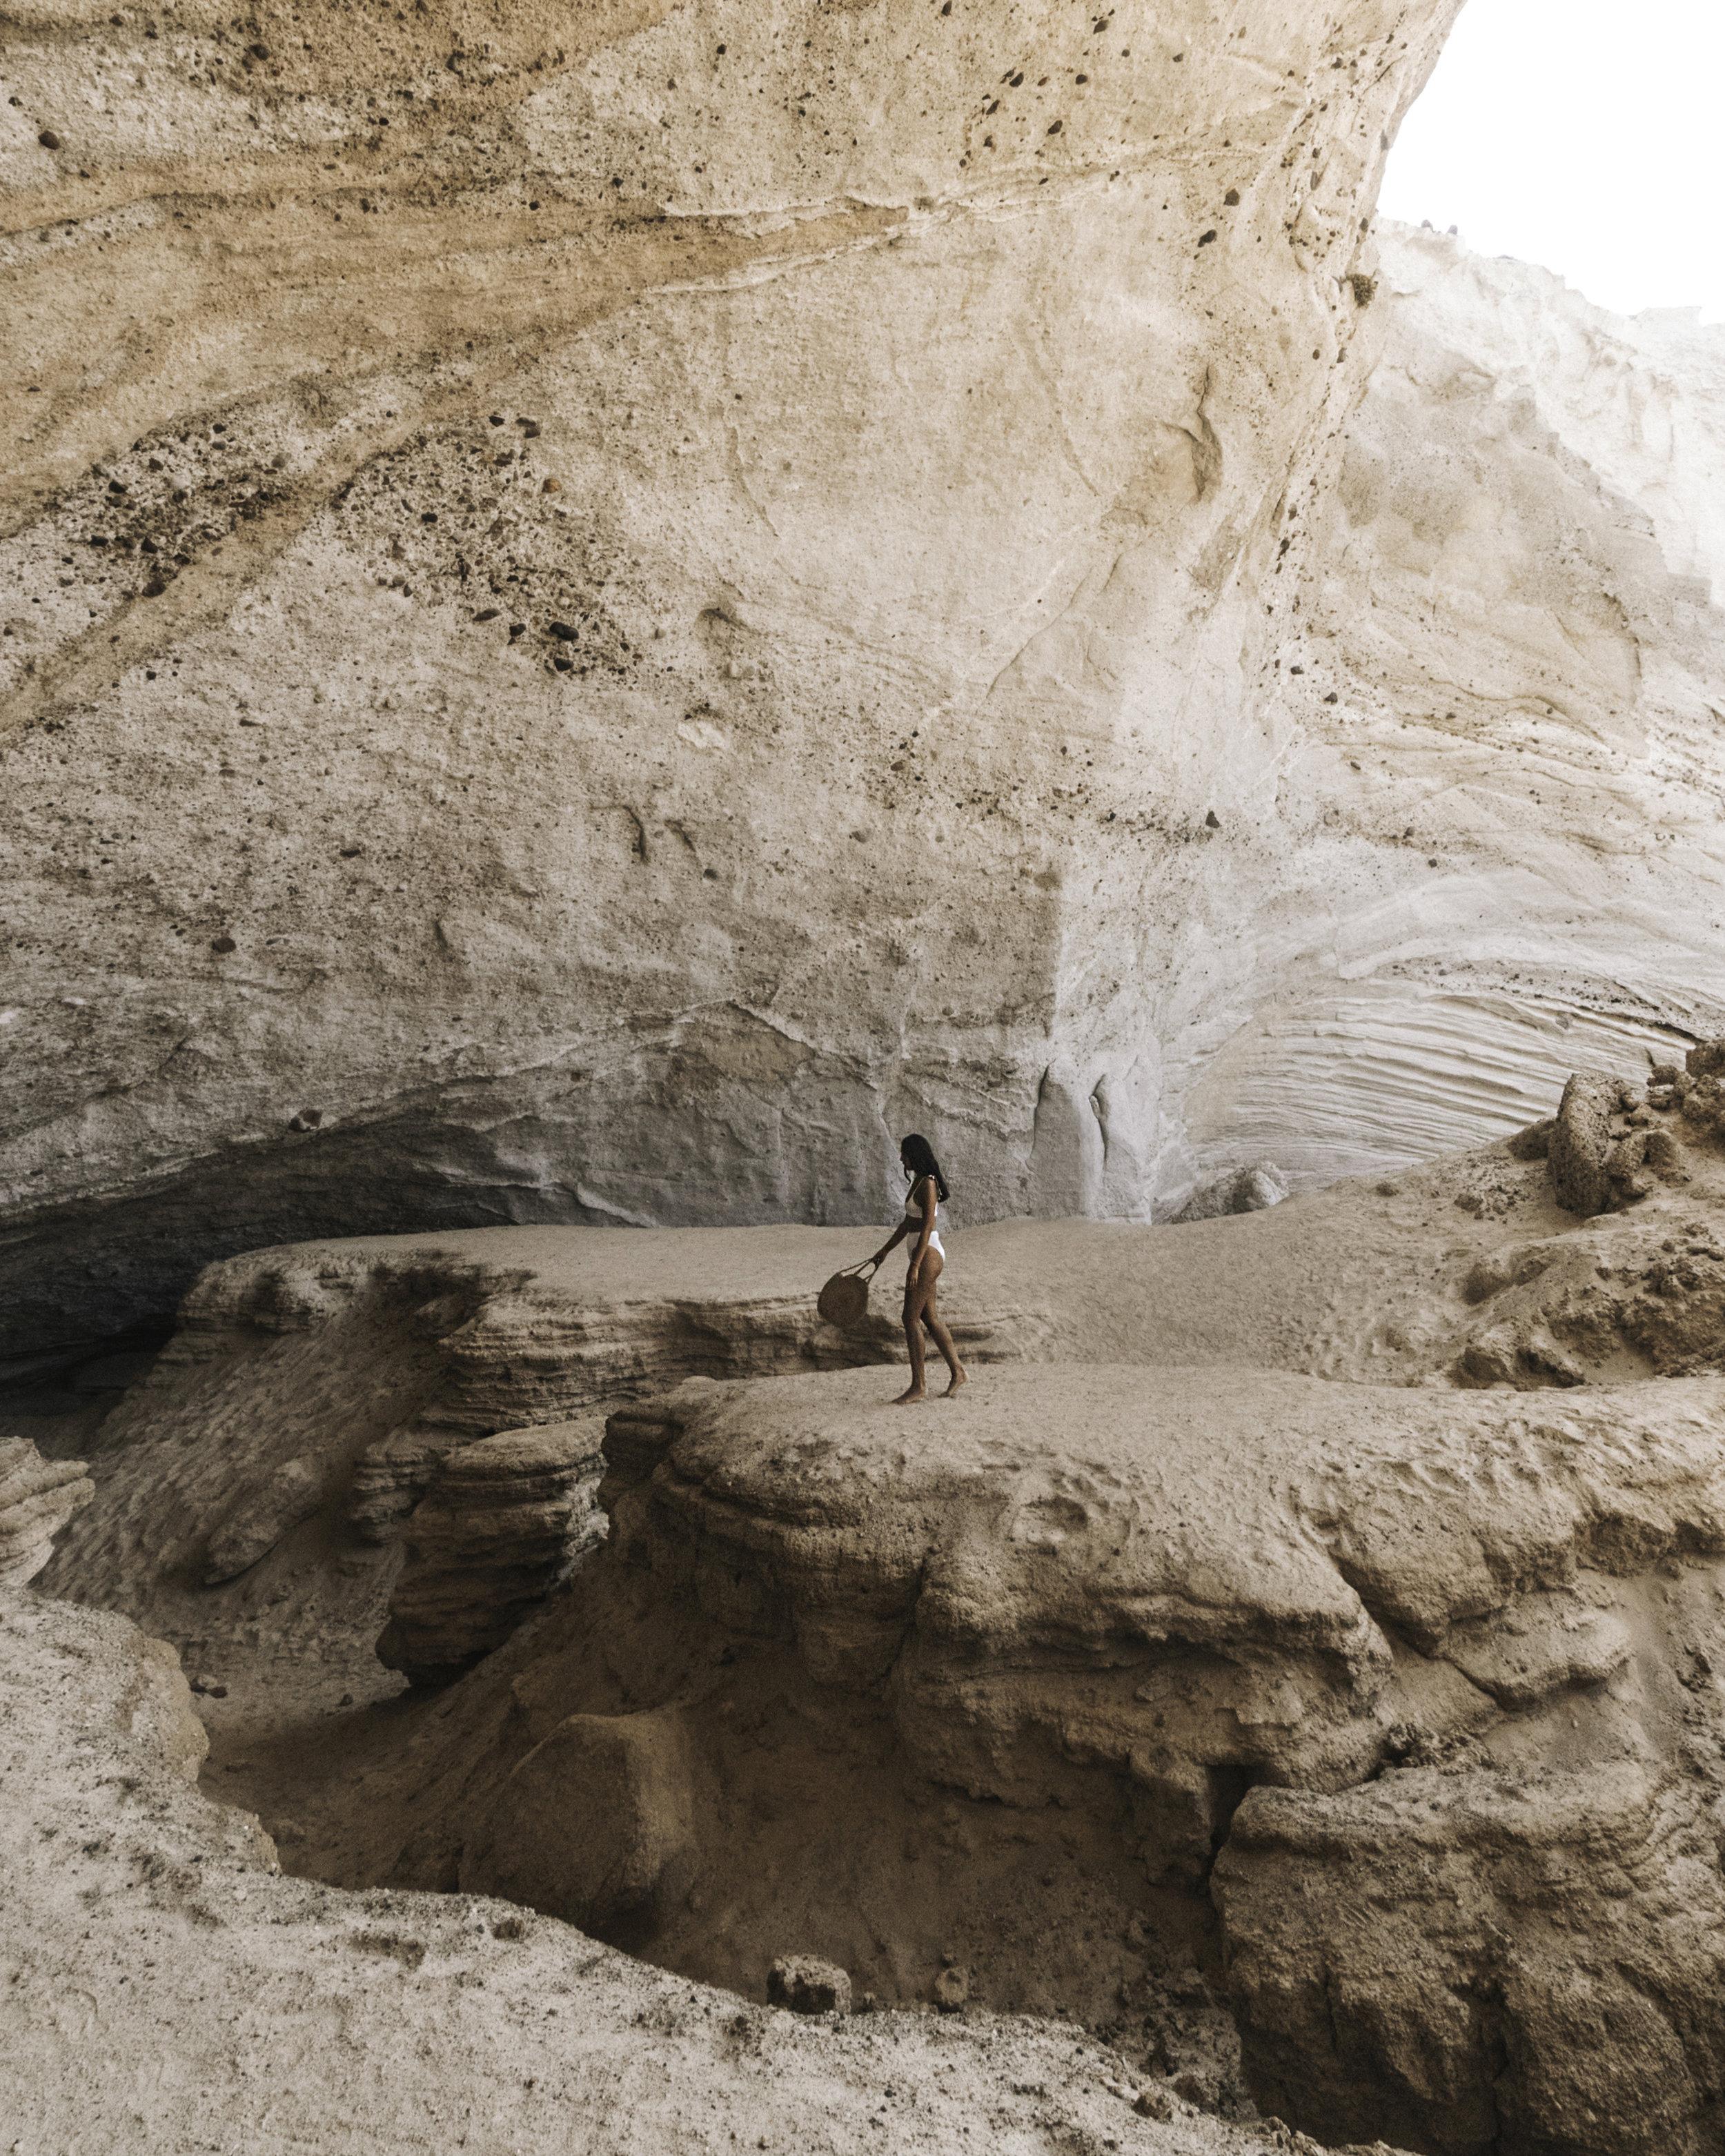 梅尔穿着白色比基尼,挥舞着一个草包,探索希腊米洛斯的锡基亚海洞